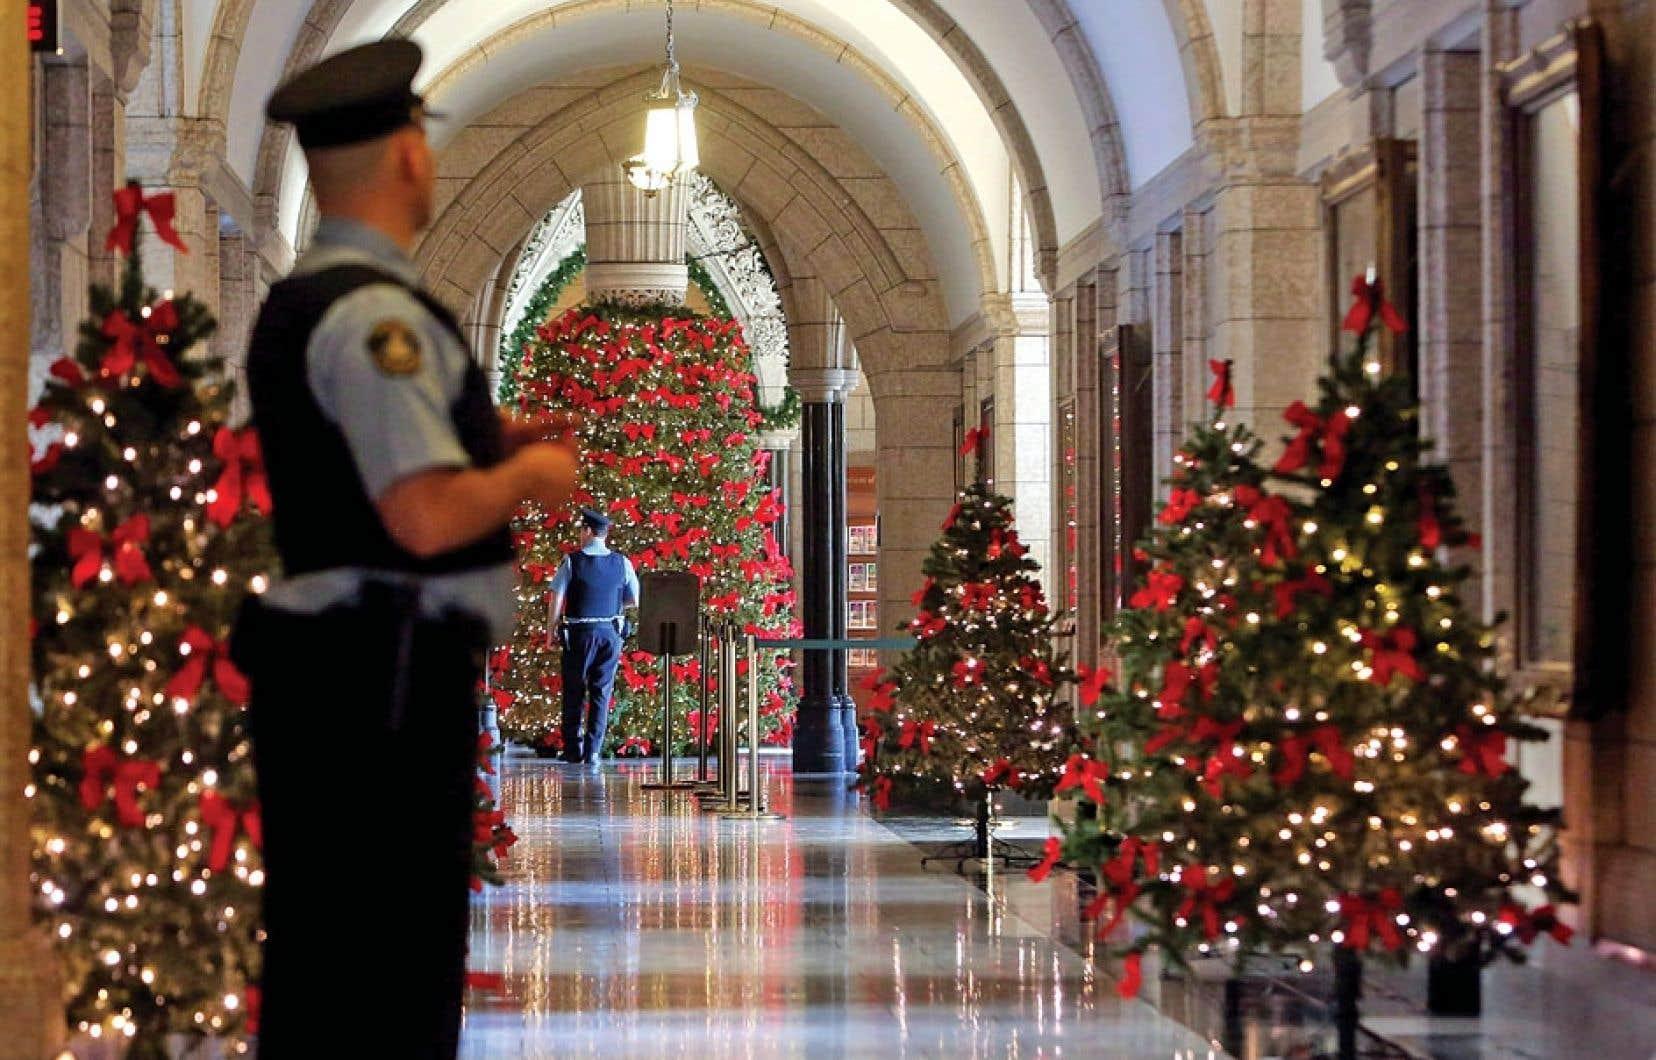 Joyeux Noel Histoire Des Arts.Joyeux Noel A Tous Meme Aux Non Chretiens Le Devoir